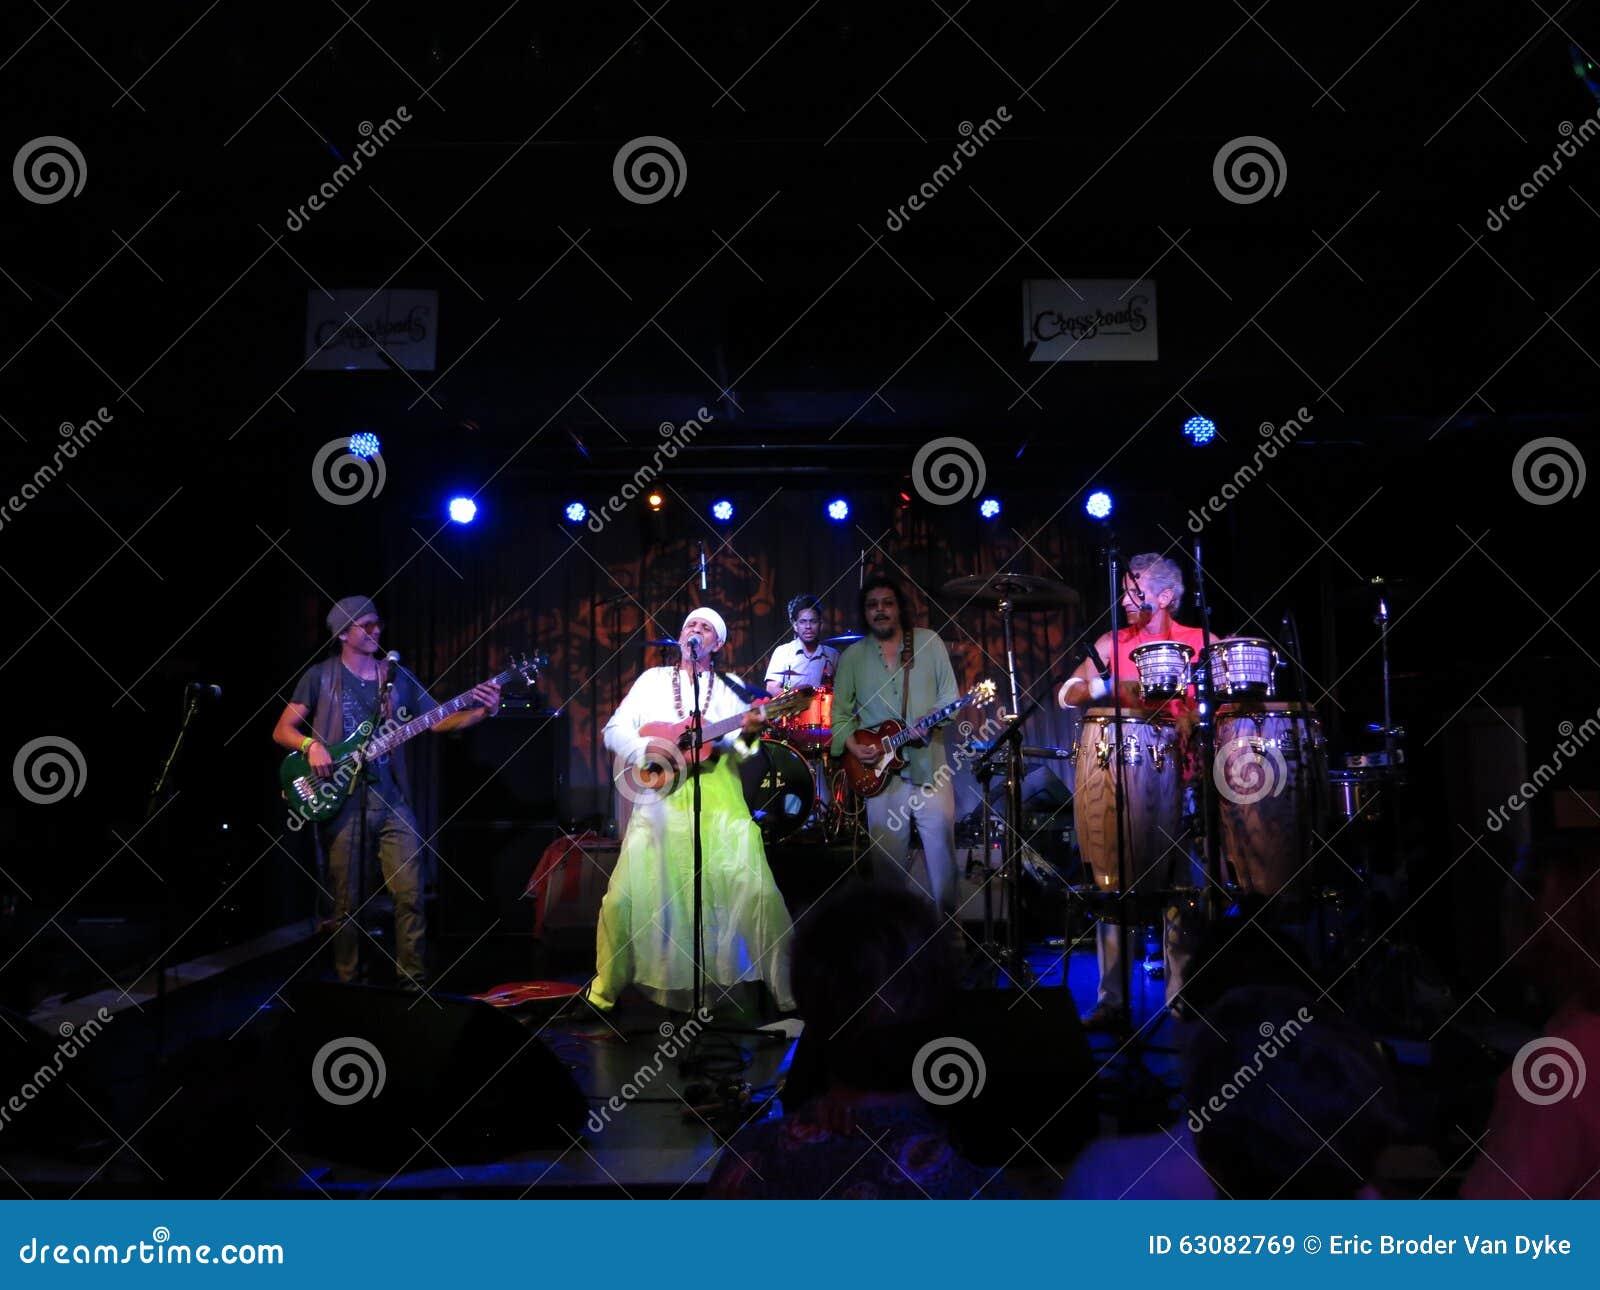 Download Fantuzzi Et Bande Bloque à L'intérieur Aux Carrefours Image stock éditorial - Image du musicien, conseils: 63082769